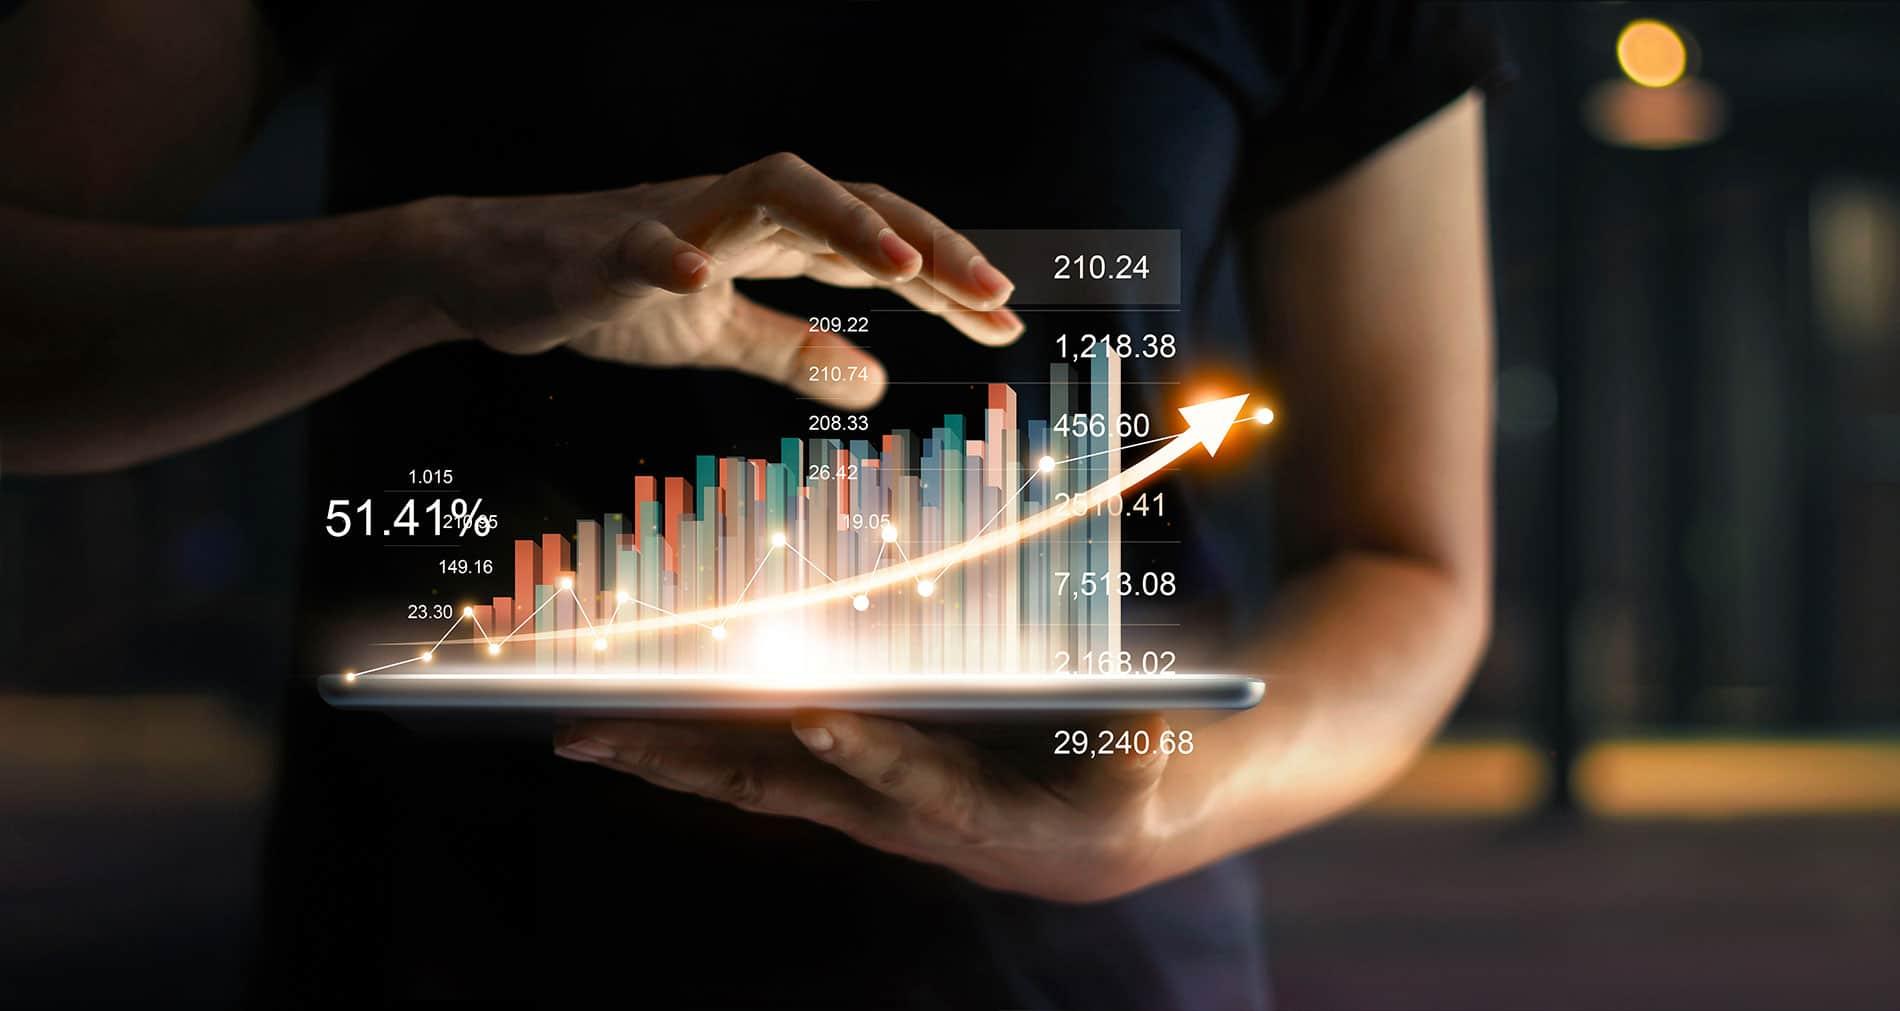 Investor financial market trends